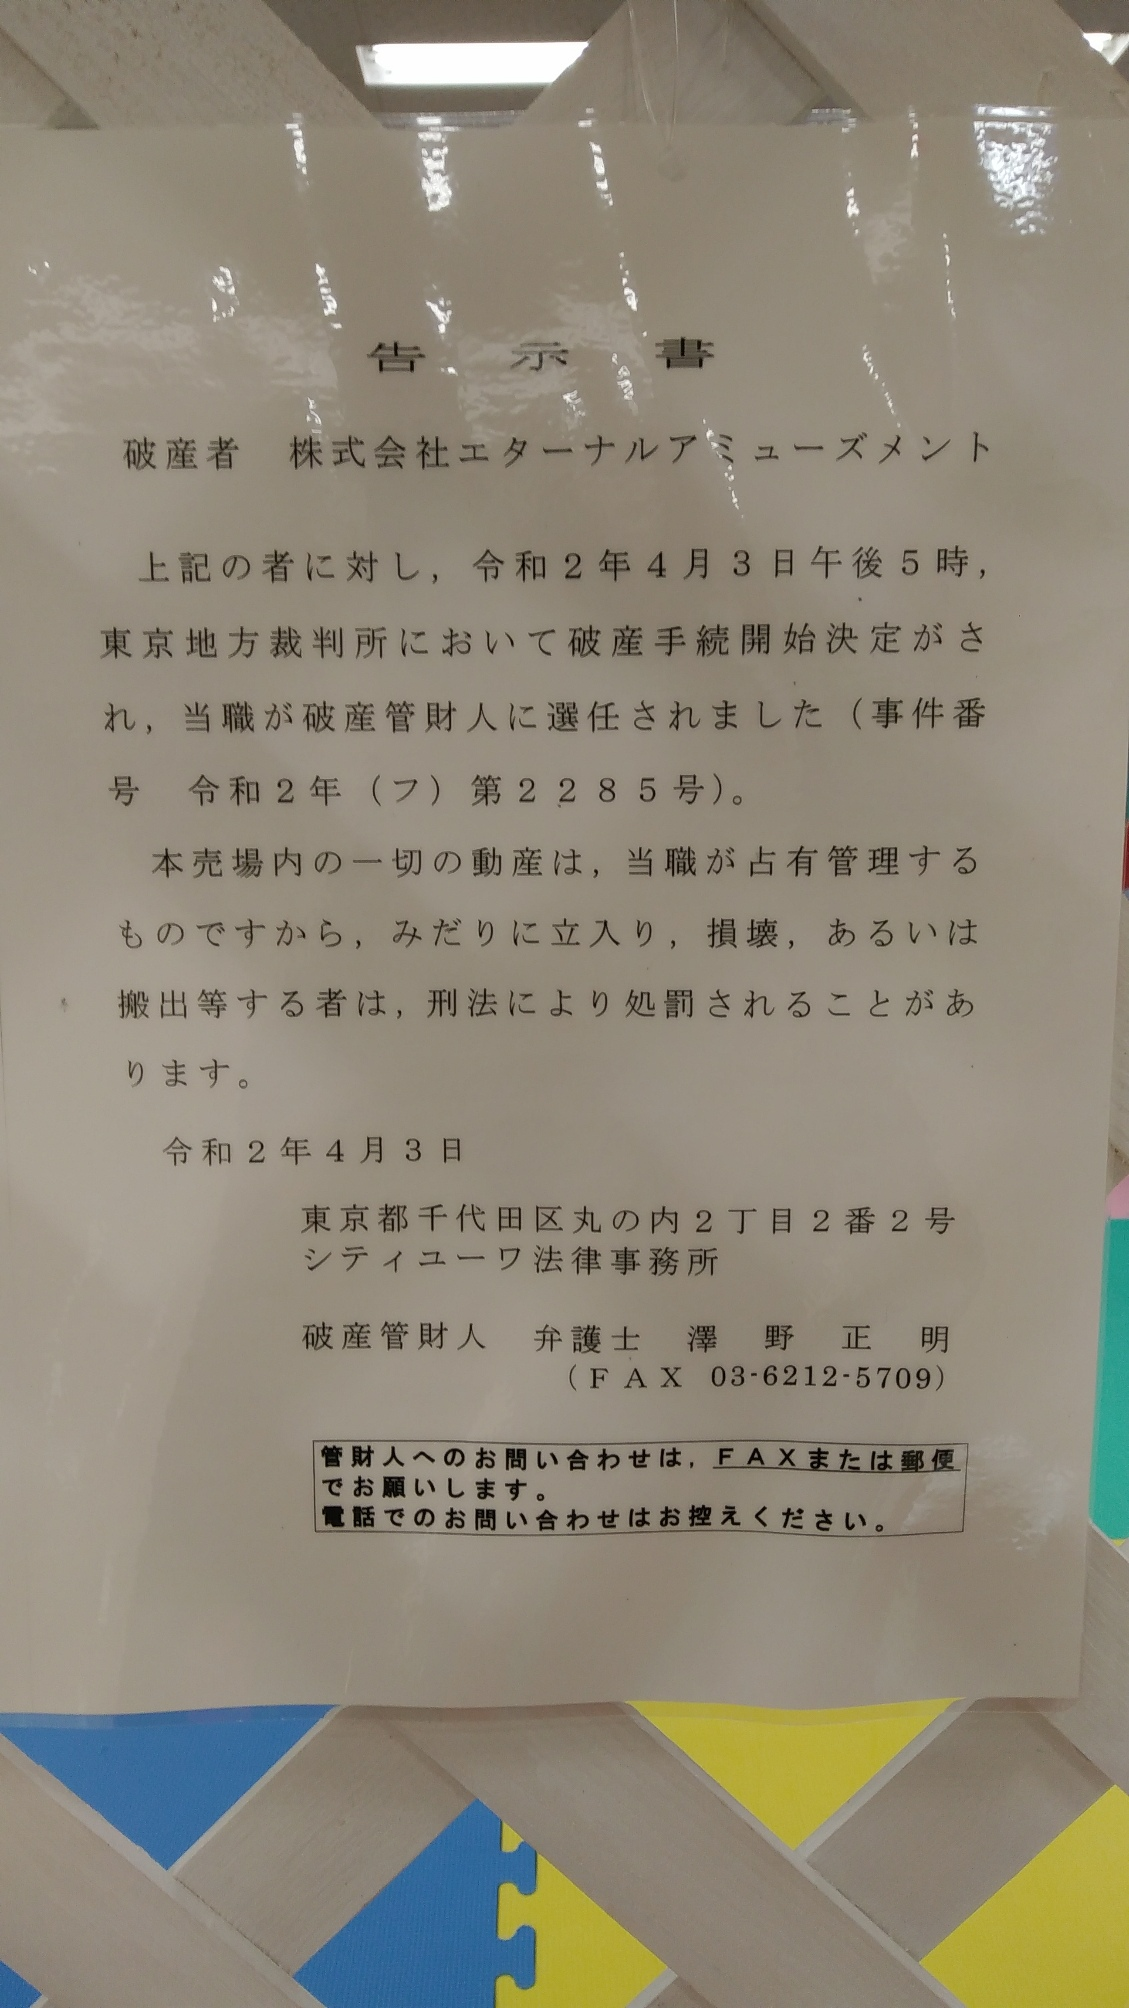 エターナル アミューズメント 会社 株式